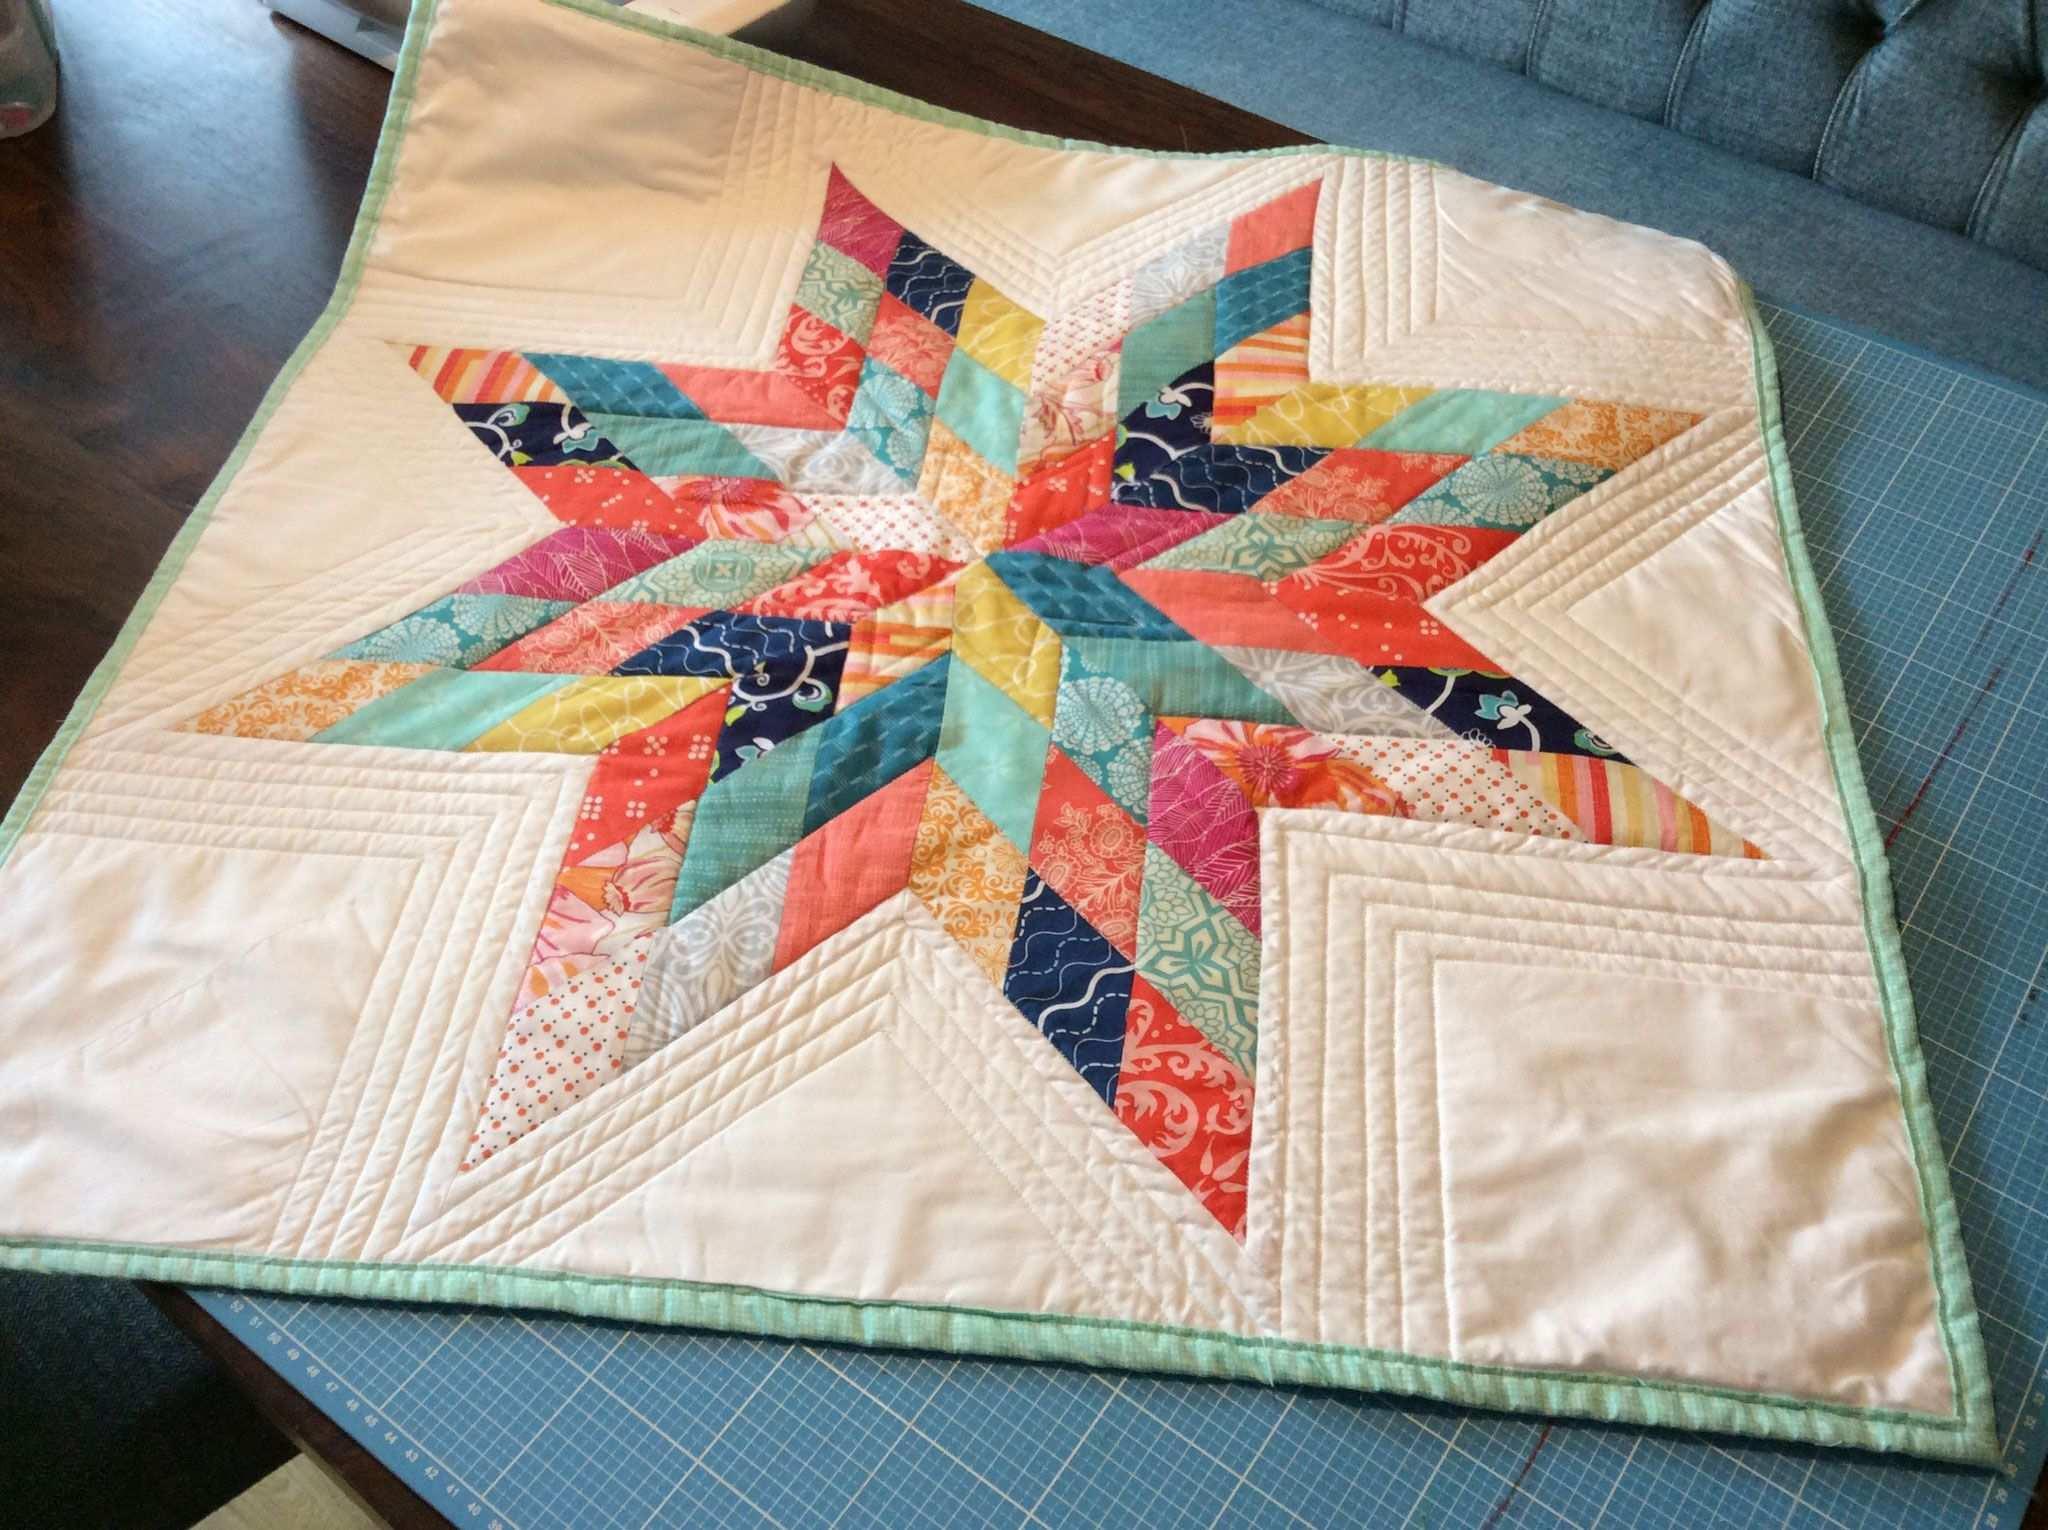 Patchwork Stern Muster Aus Rauten Quilt Von Antje Schmidt Nach Einer Vorlage Von Quilt Textilkunst Patchwork Und Quilten Quilt Quiltmuster